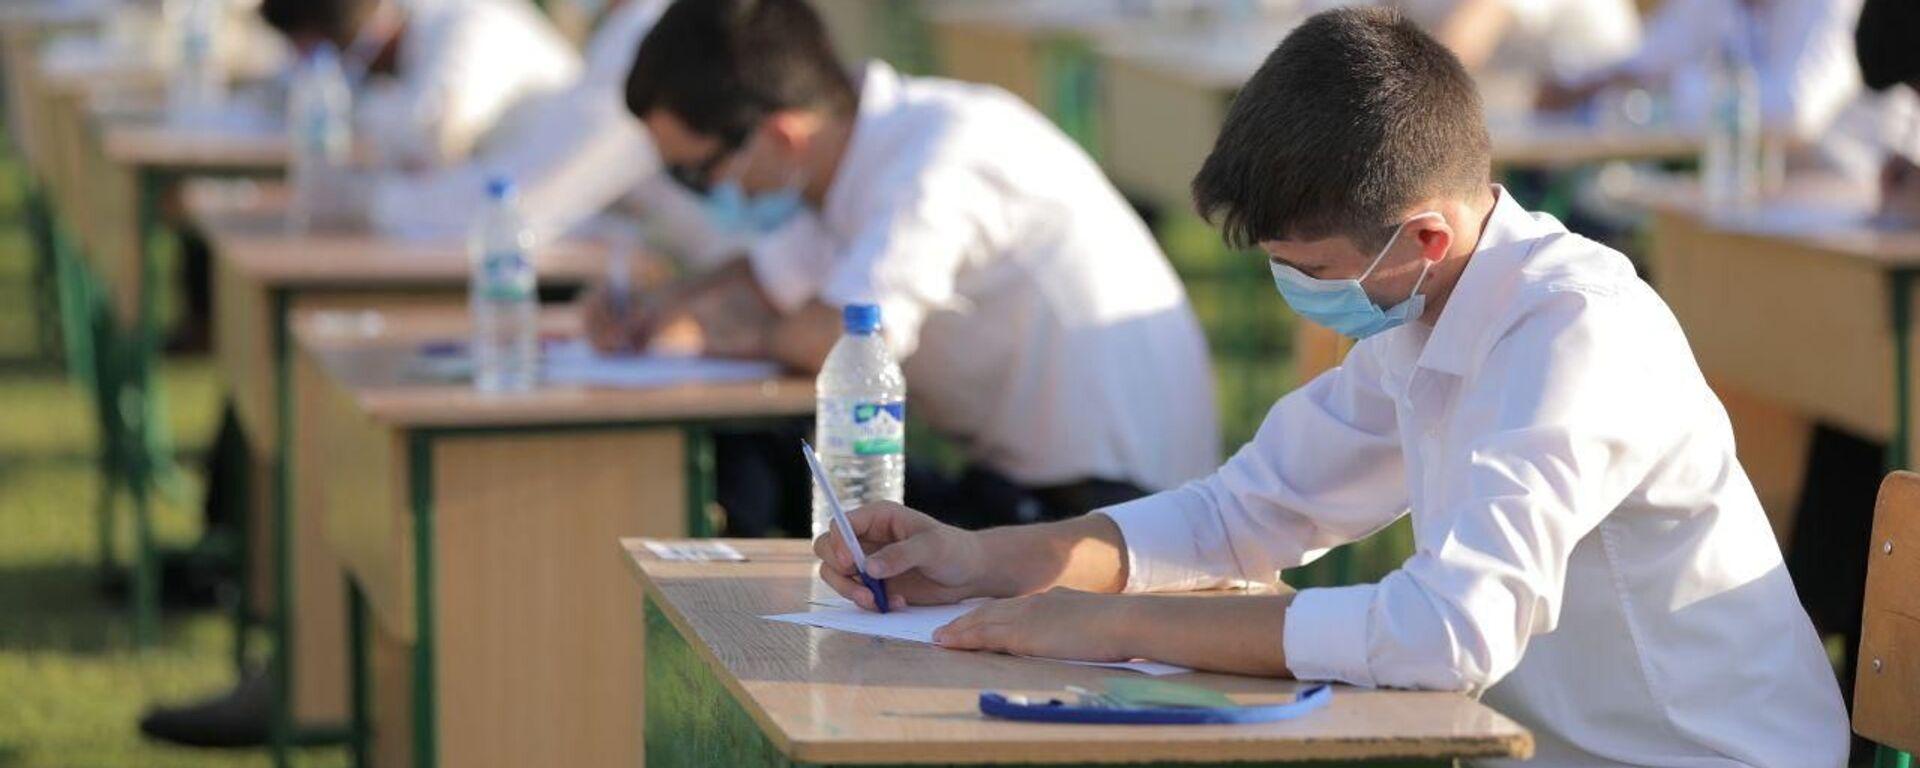 Вступительные экзамены в Ташкентский филиал МИСиС - Sputnik Узбекистан, 1920, 03.06.2021